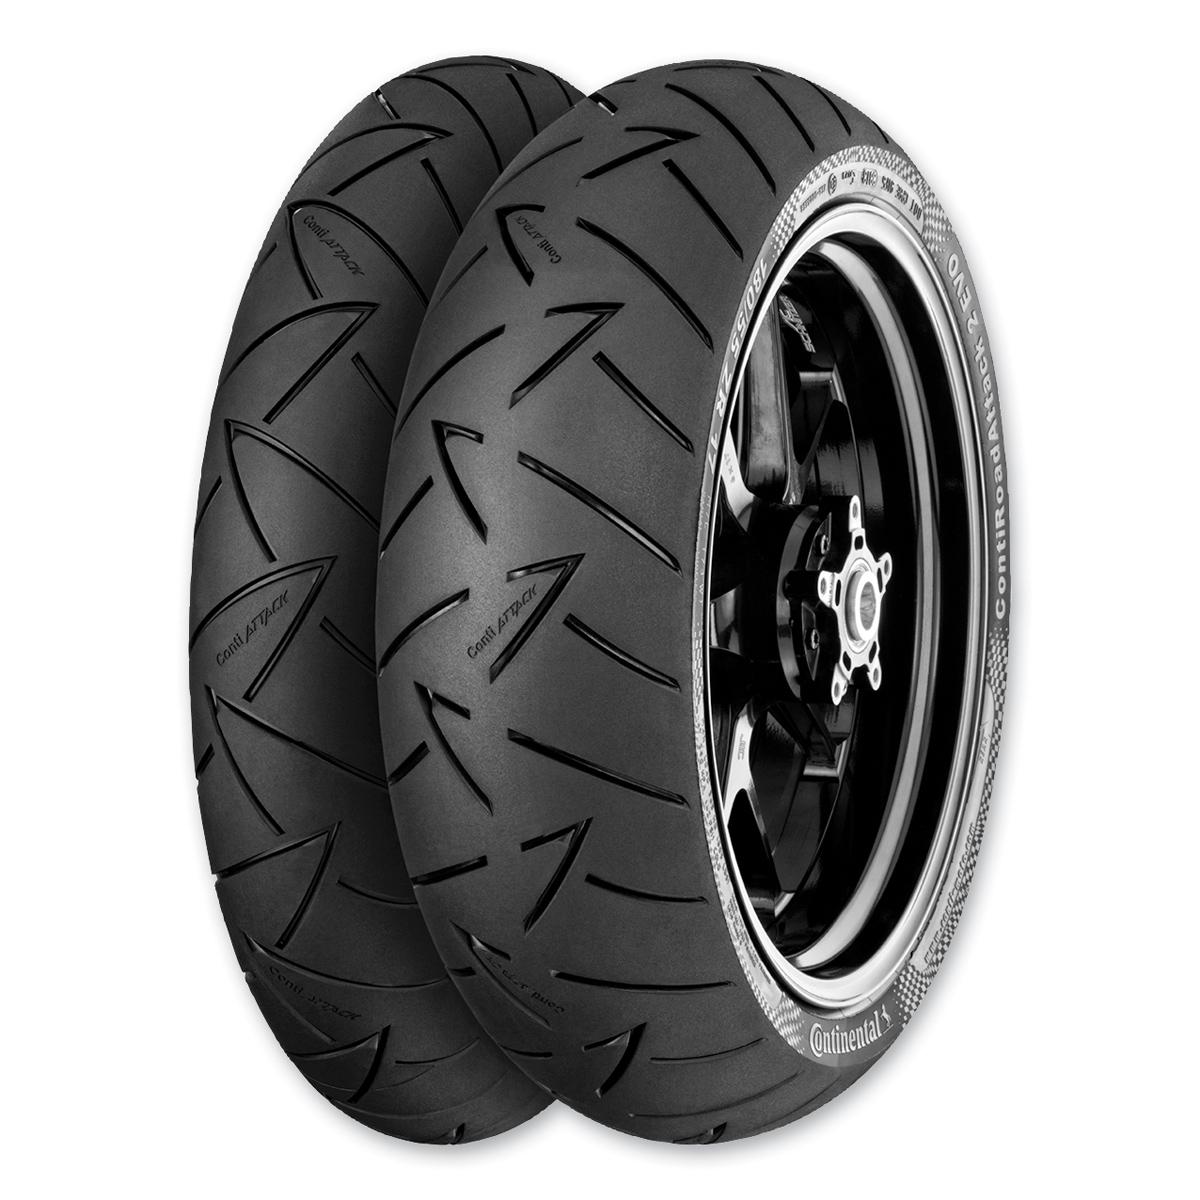 Continental Road Attack EVO 120/70ZR17 Front Tire